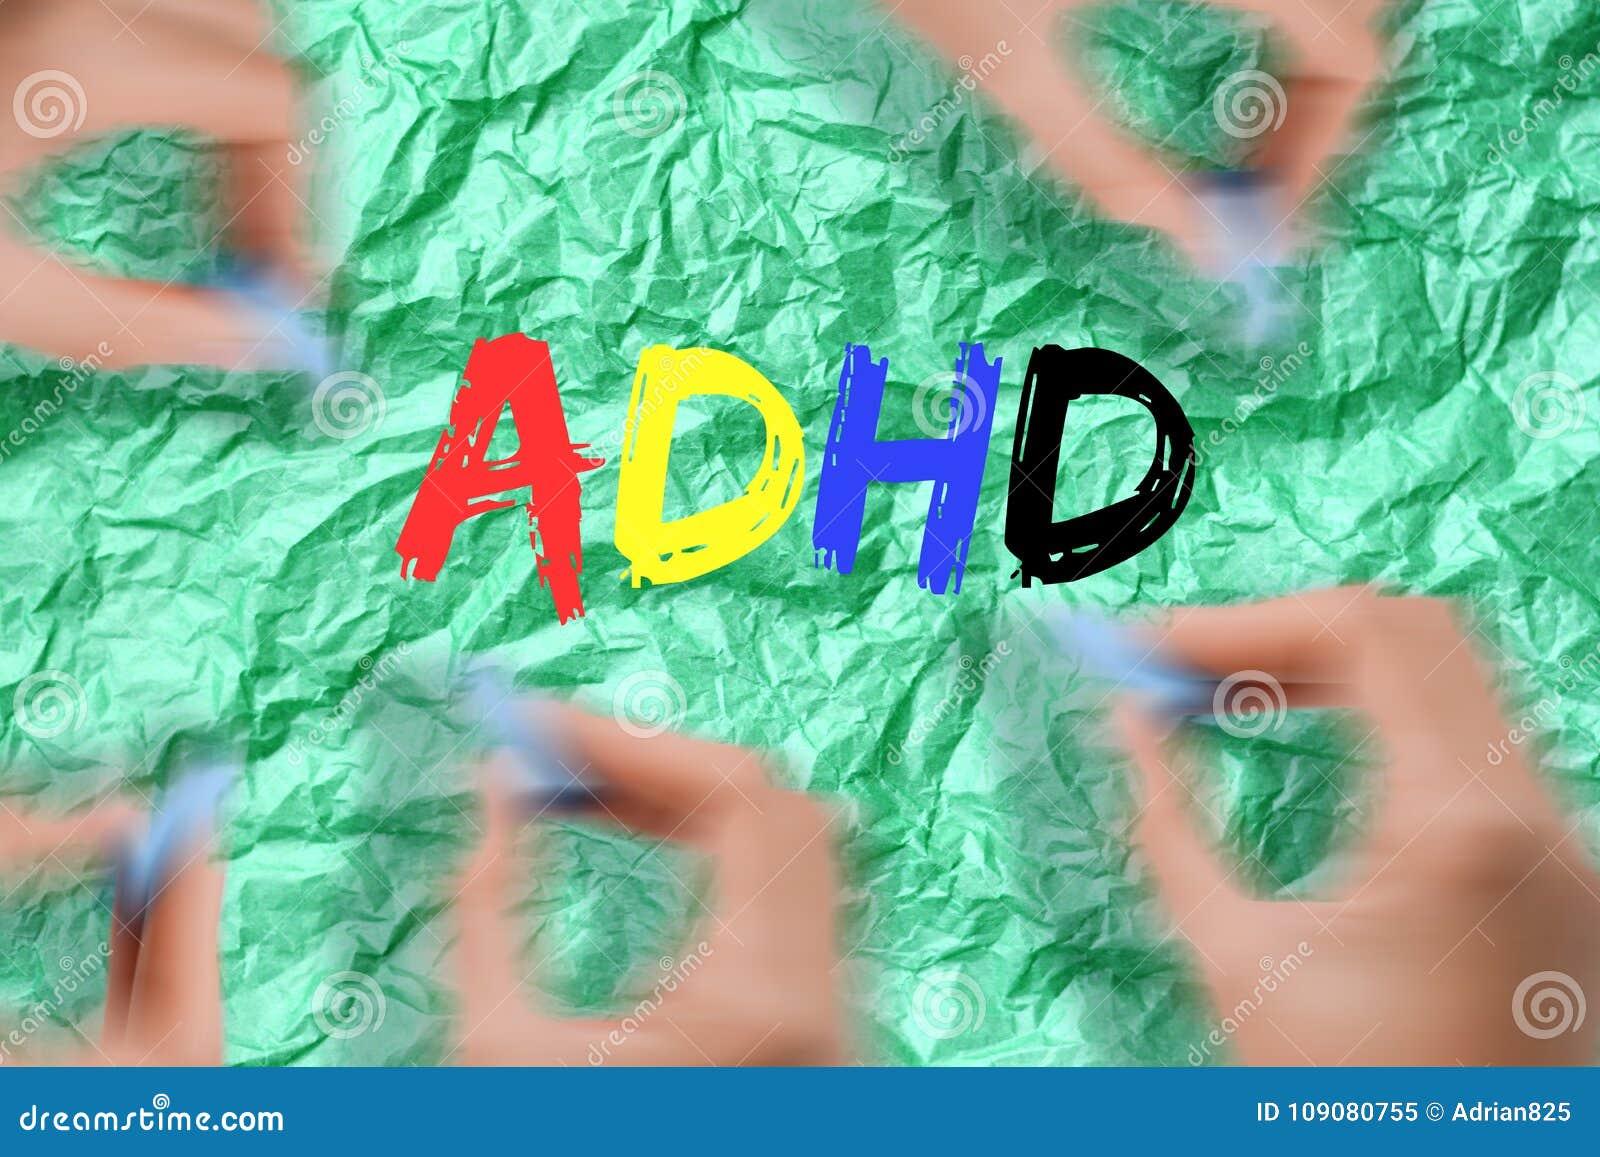 Αναταραχή υπερδραστηριότητας διάσπασης της προσοχής - κείμενο ADHD με τη ζωηρόχρωμη επιστολή στο πράσινο υπόβαθρο